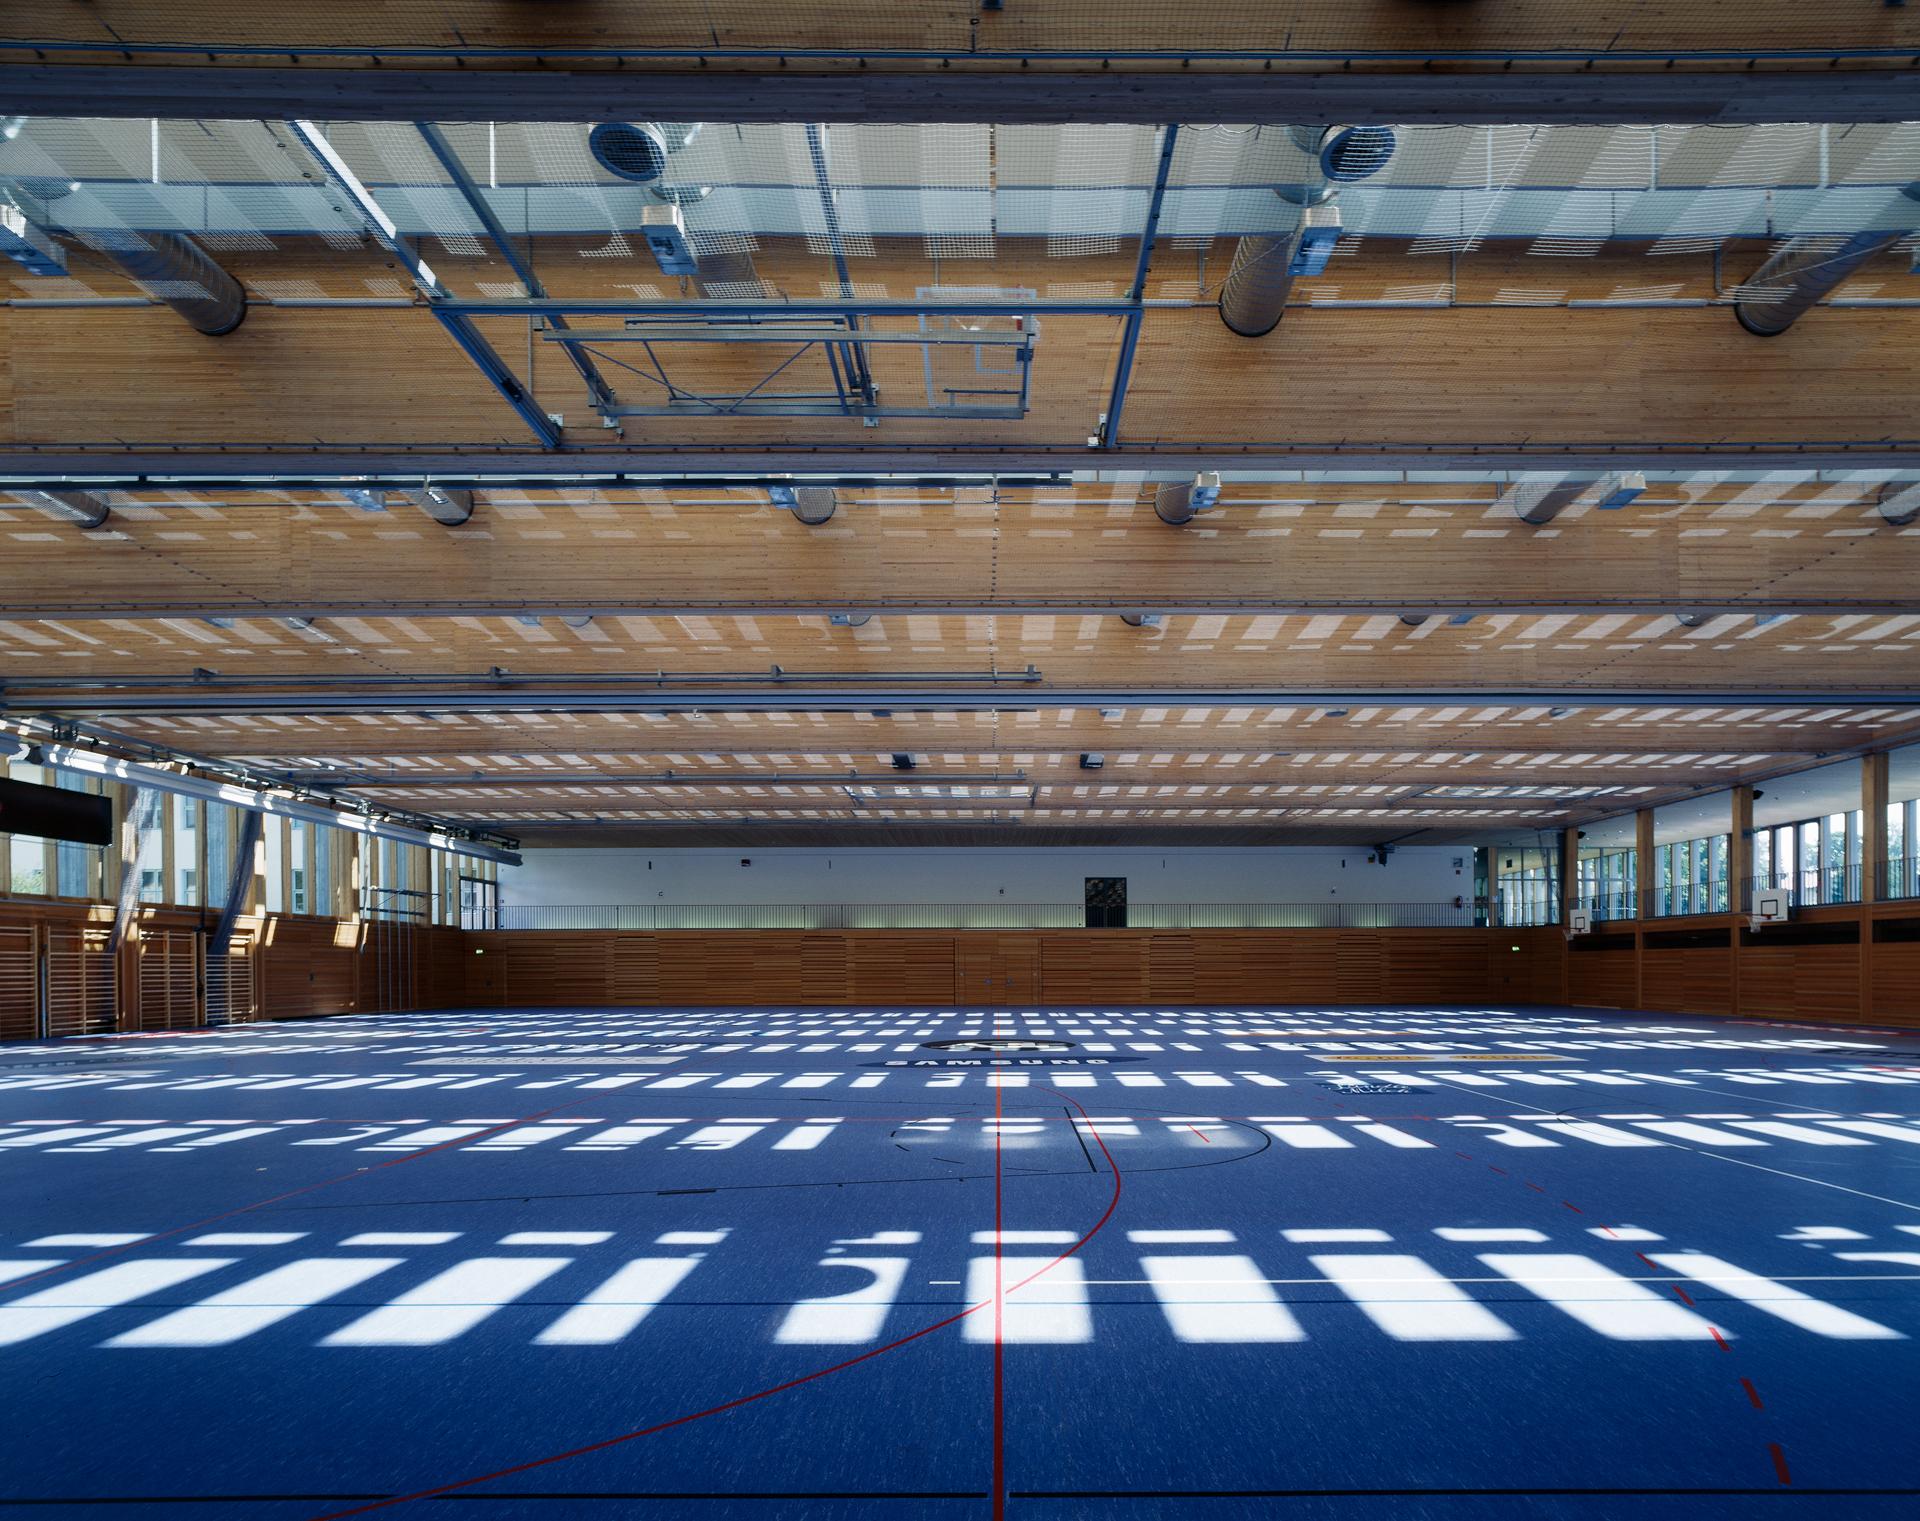 4000_Sporthalle-Rieden-Vorkloster_FOTO_Sporthalle_Rieden_17_ex_Halle_Bruno-Klomfar